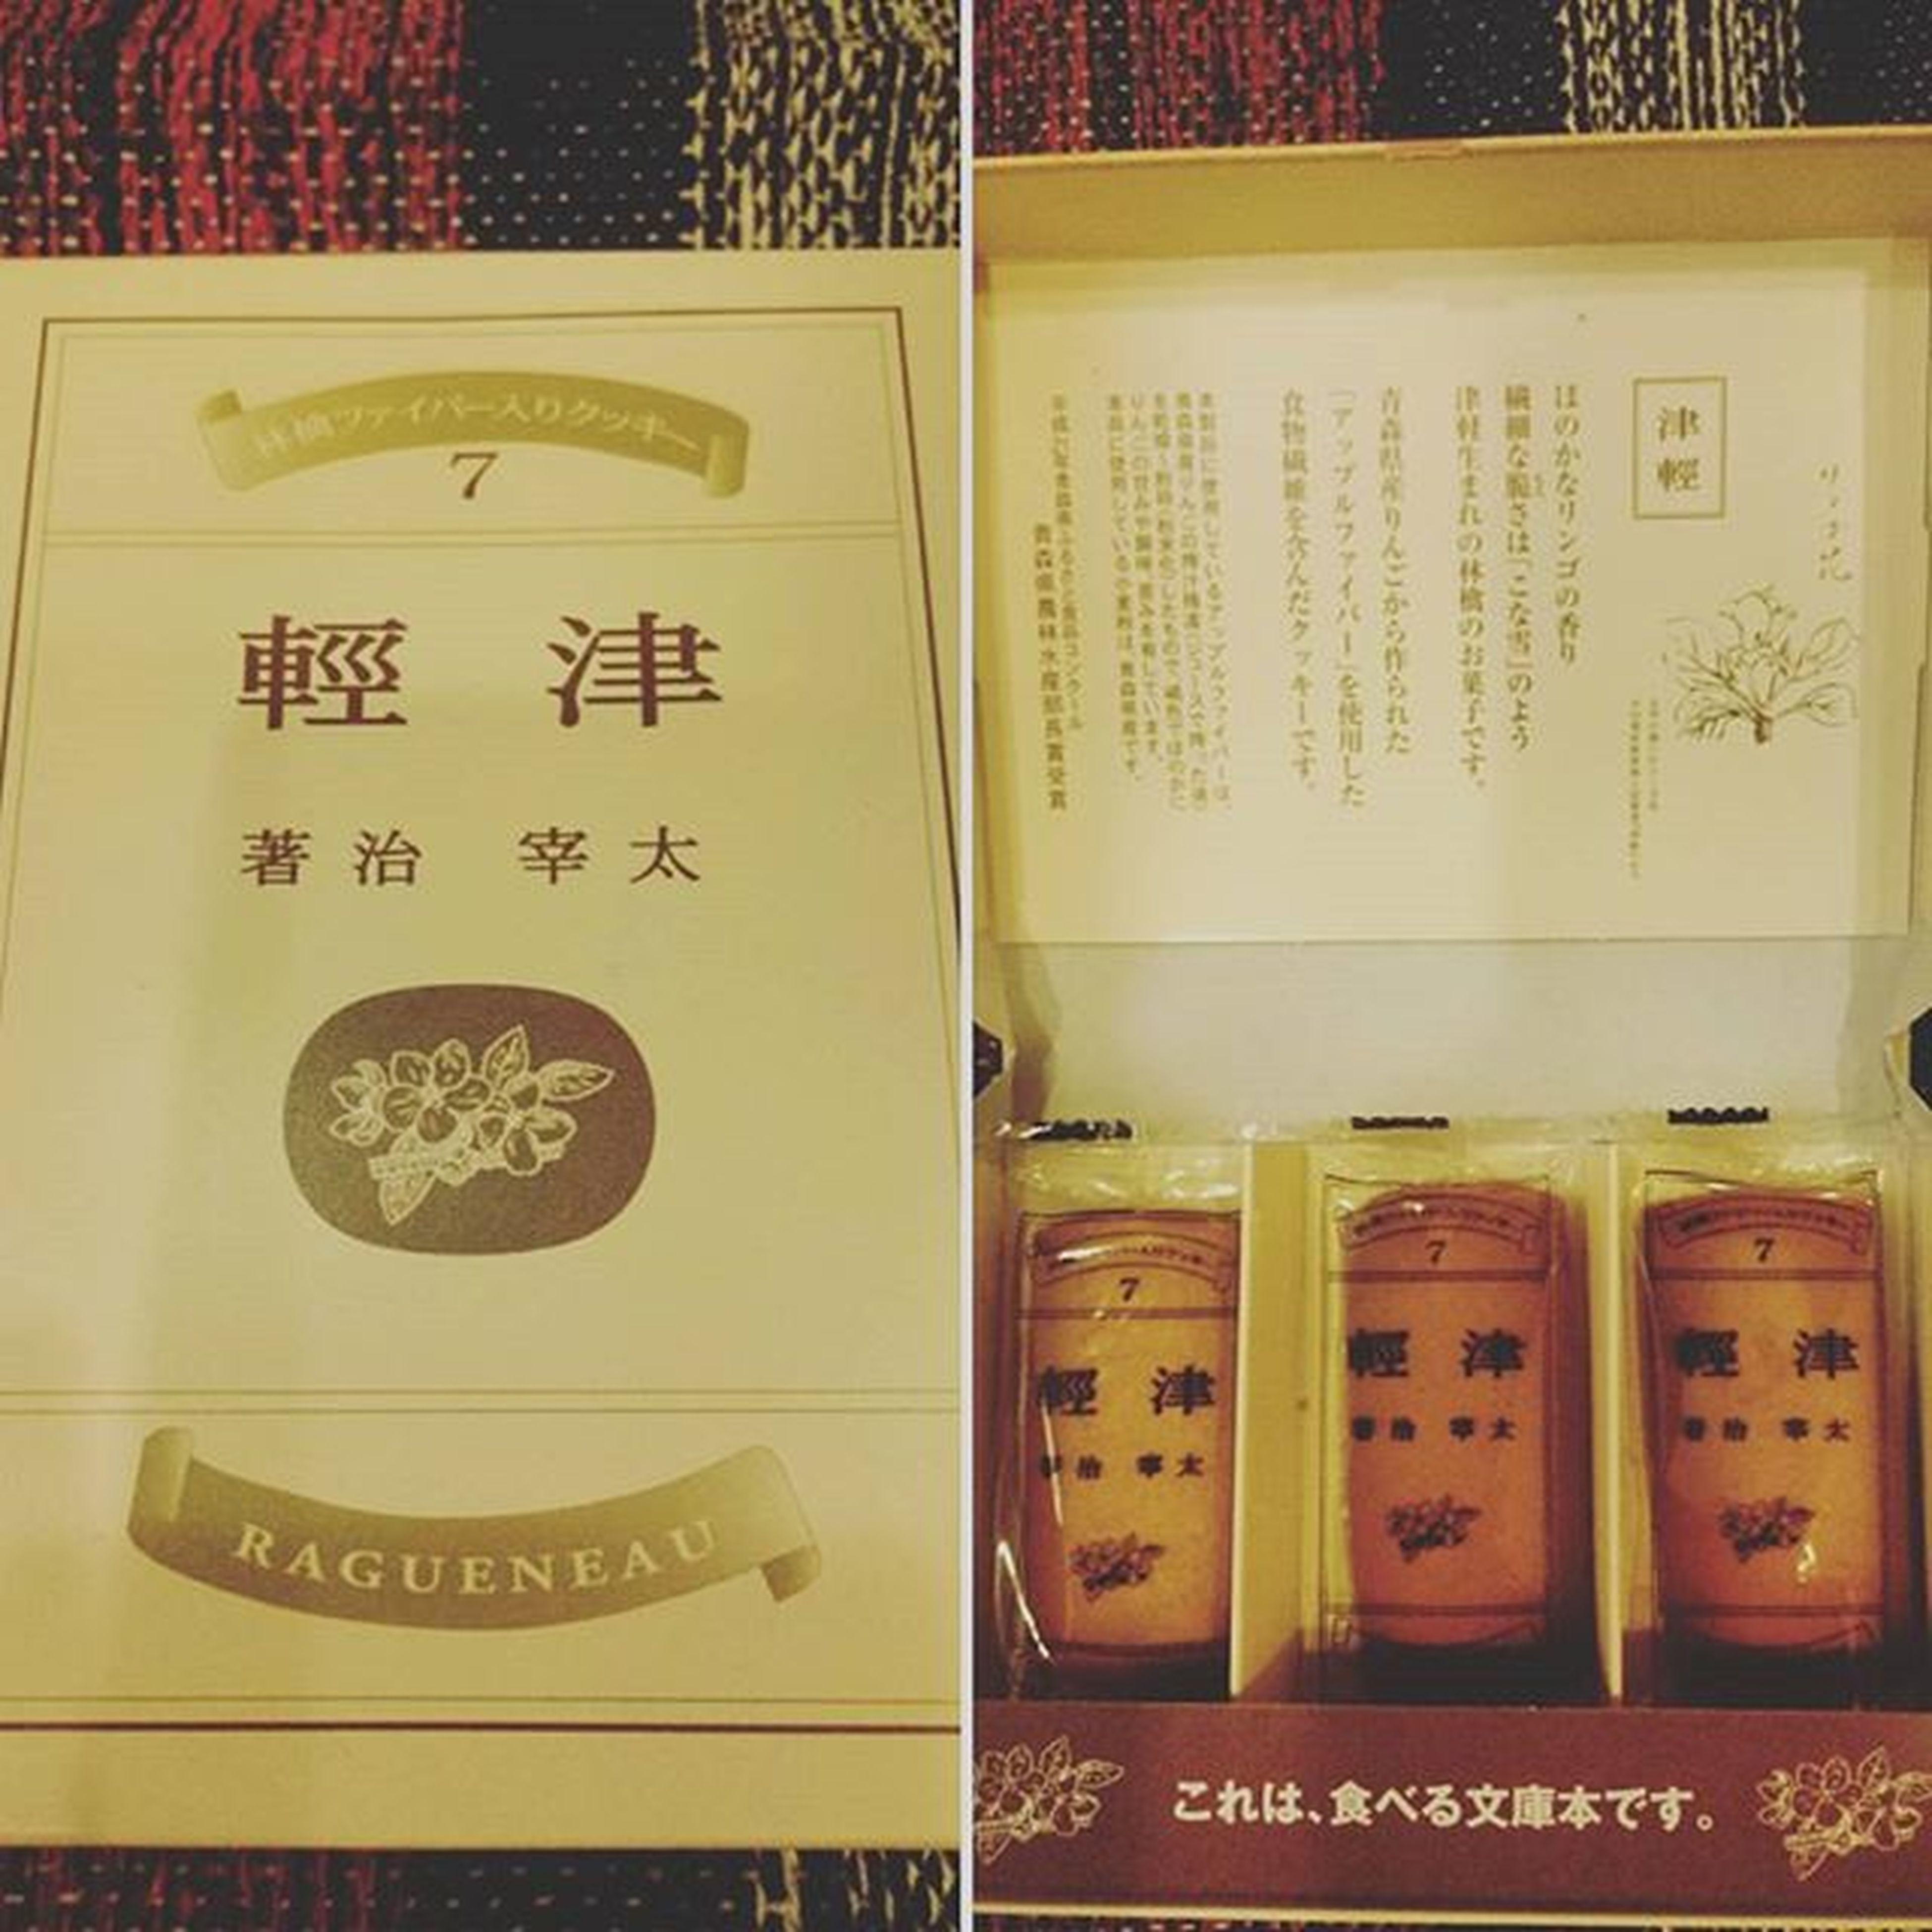 青森のおみやげ!! ほのか〜にりんごの香りのする素朴なクッキー🍪 こういうシンプルで飽きない感じは日本のお菓子がいちばん🐥 今日のオヤツ Japan Souvenir 行くぜ東北 夏の思い出2015 ラグノオ Layout Ig_aomori